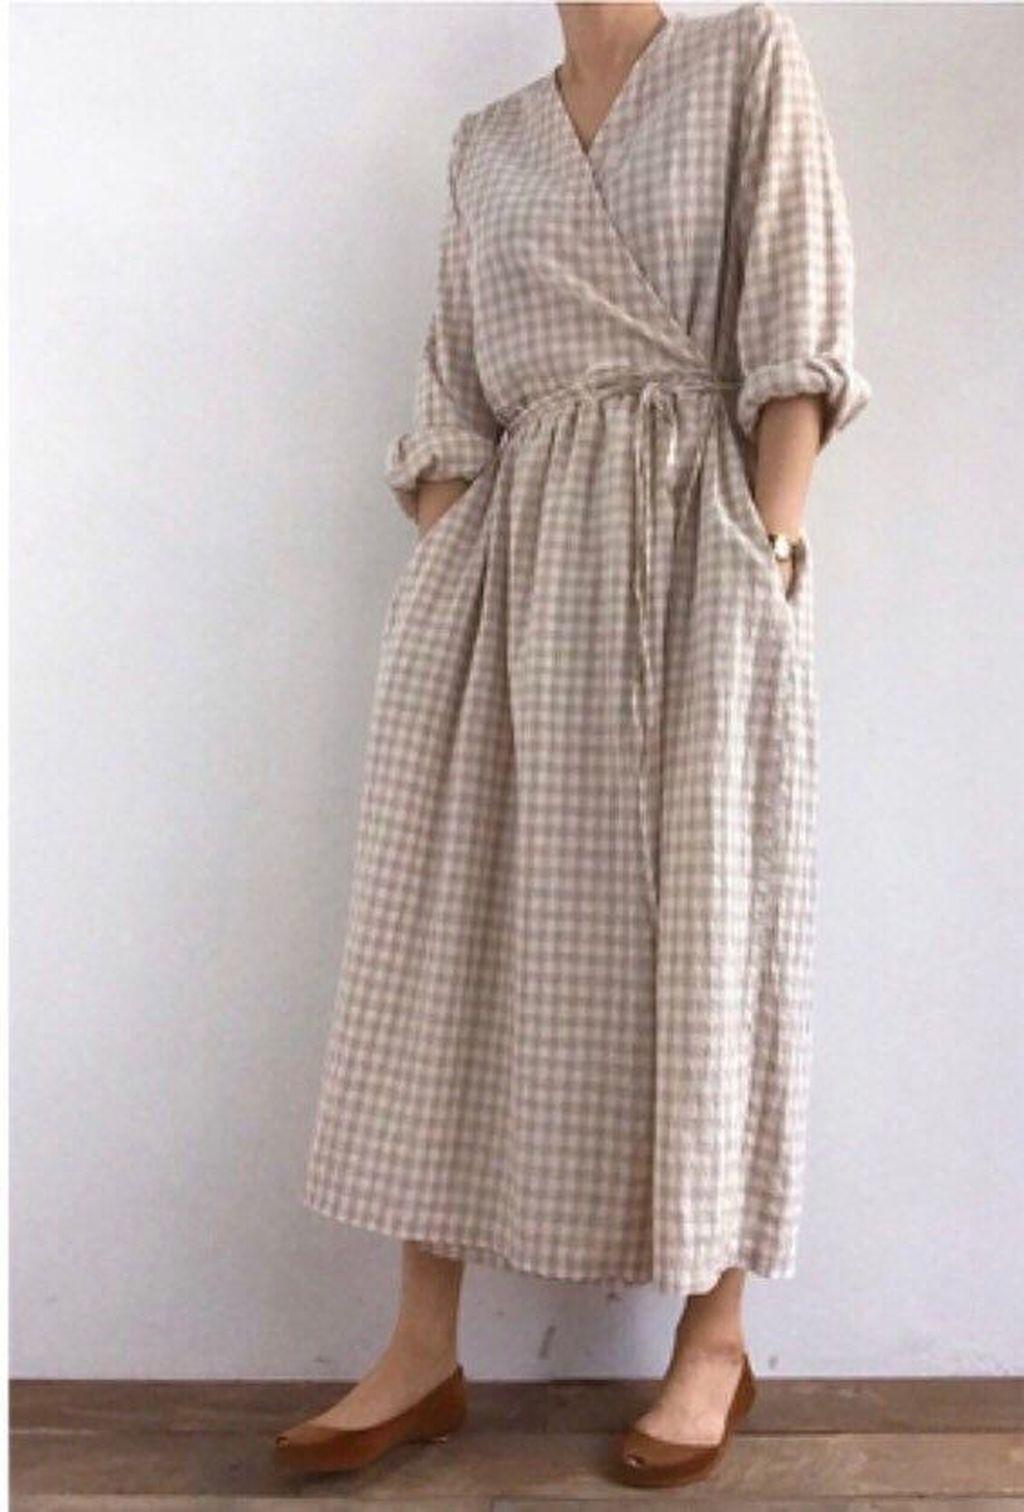 25+ Cotton wrap dress ideas in 2021